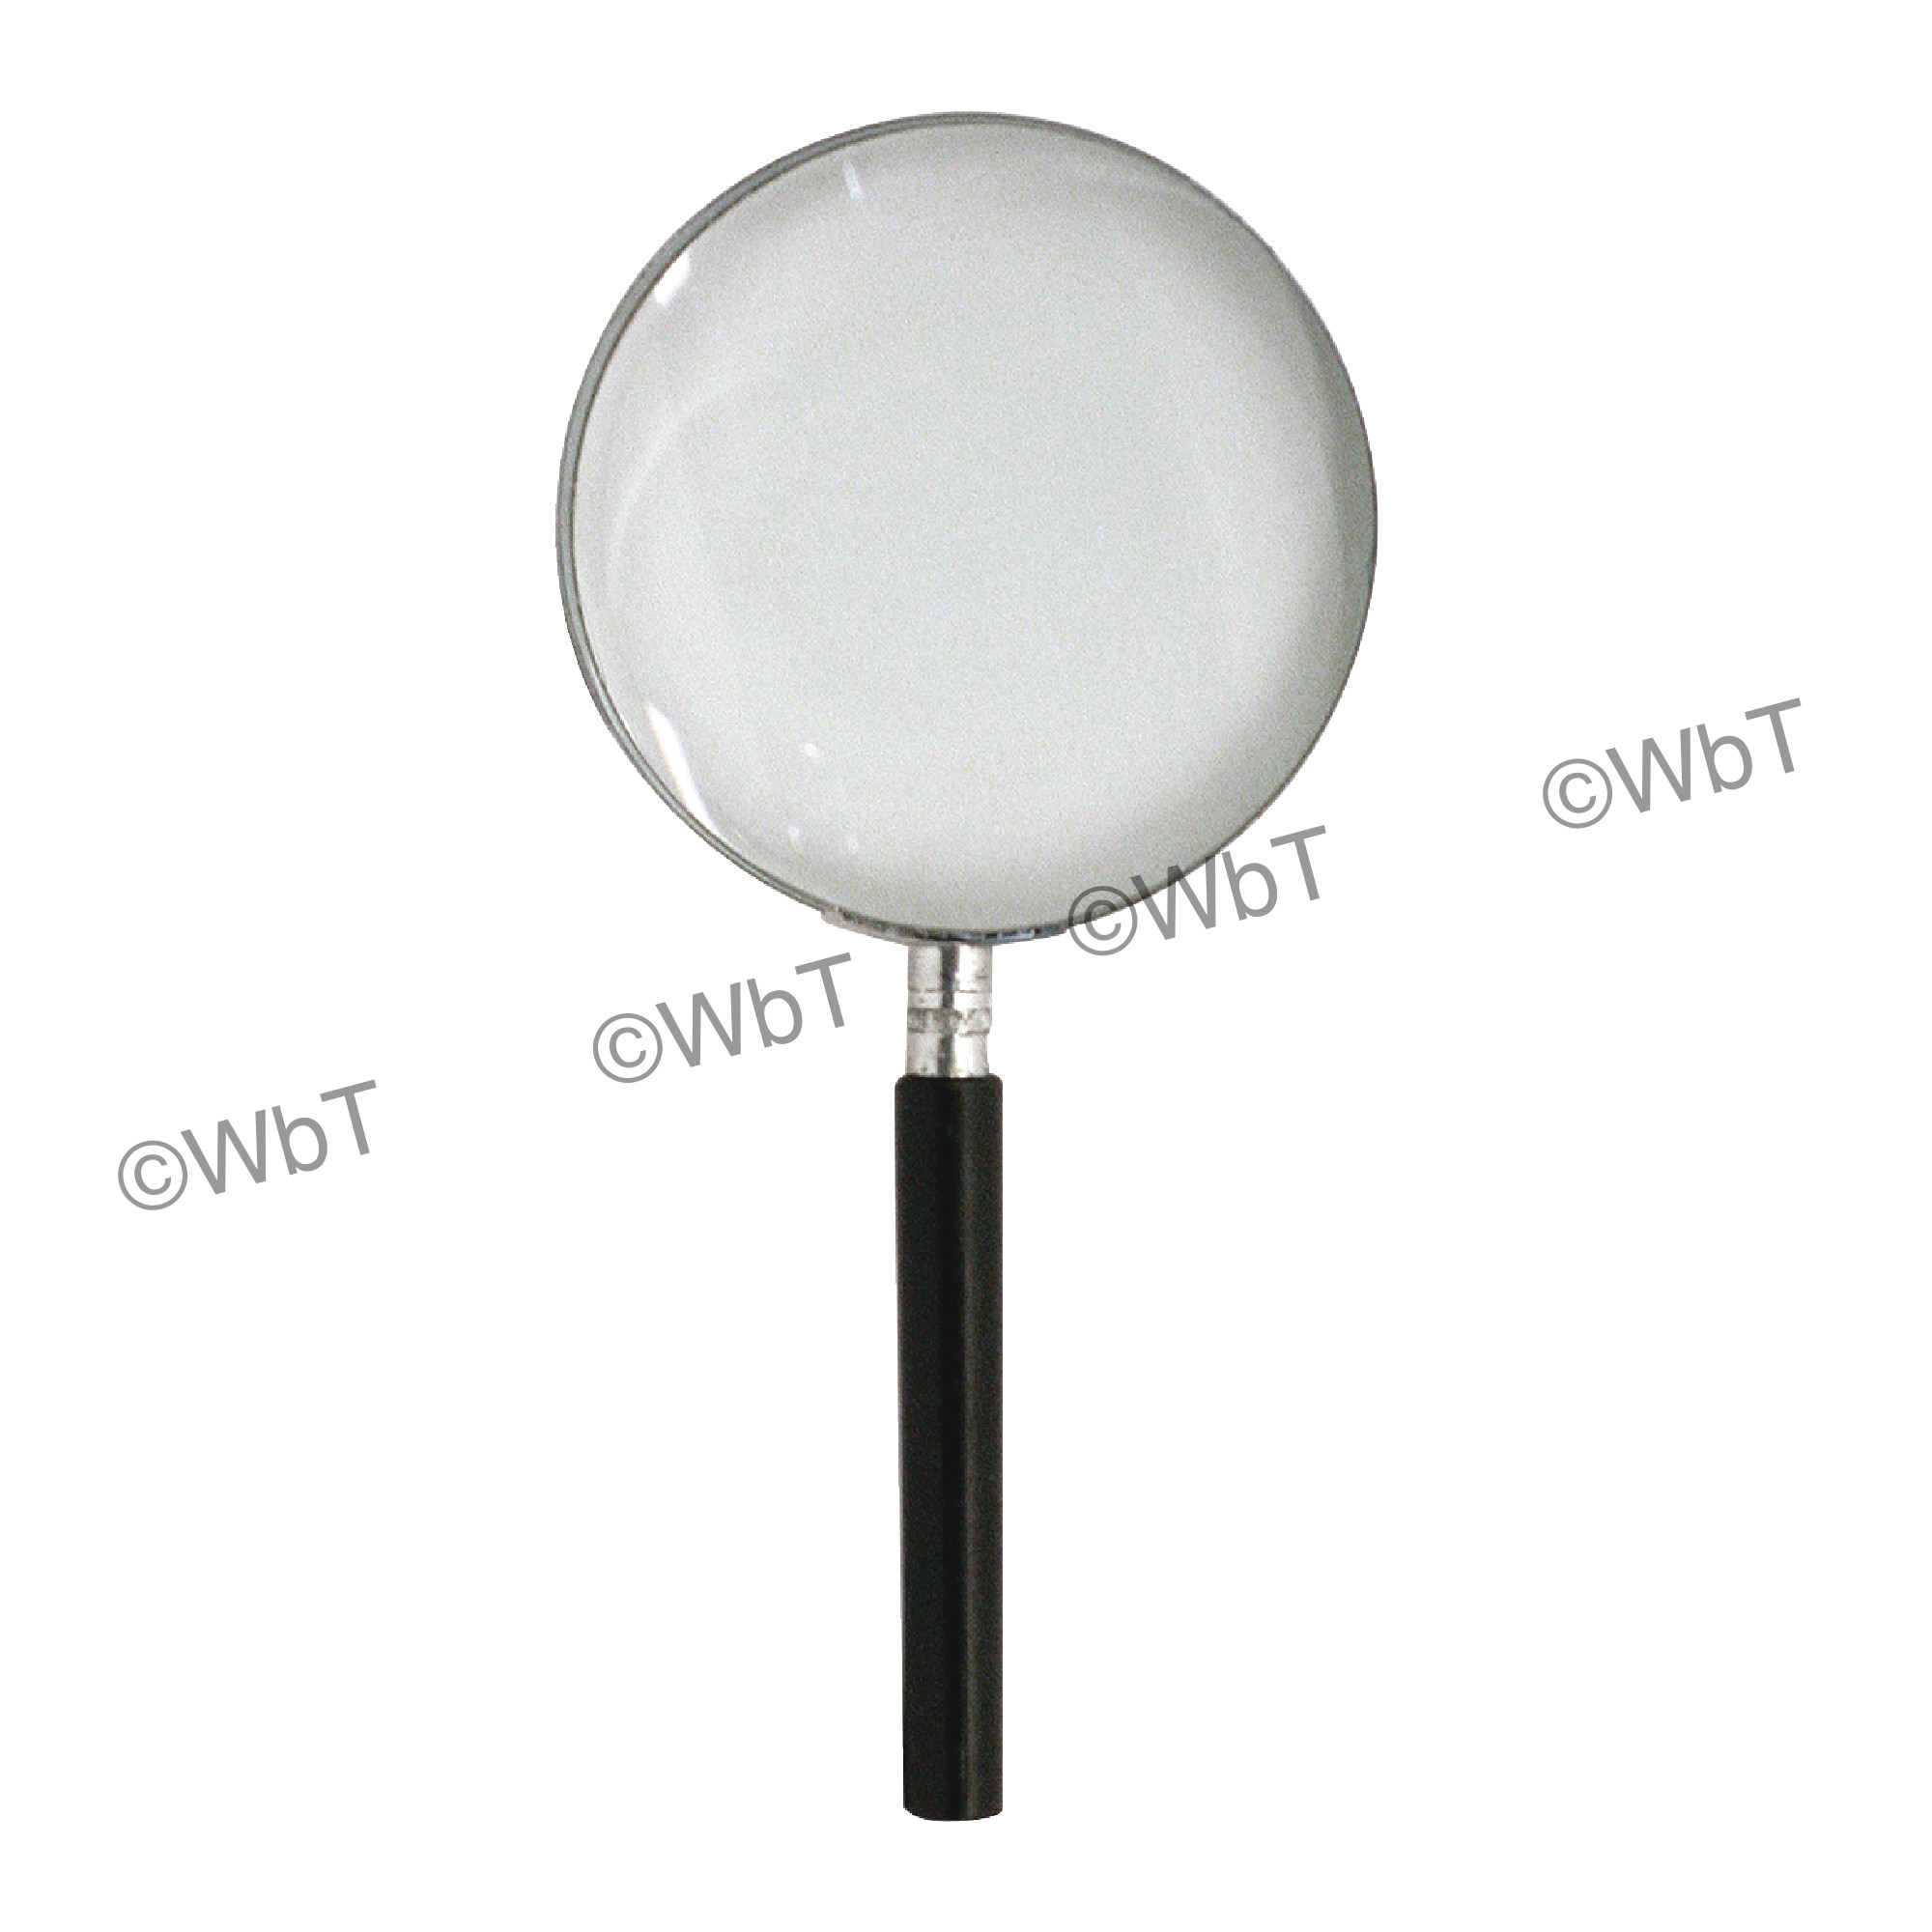 3X Round Handheld Magnifier